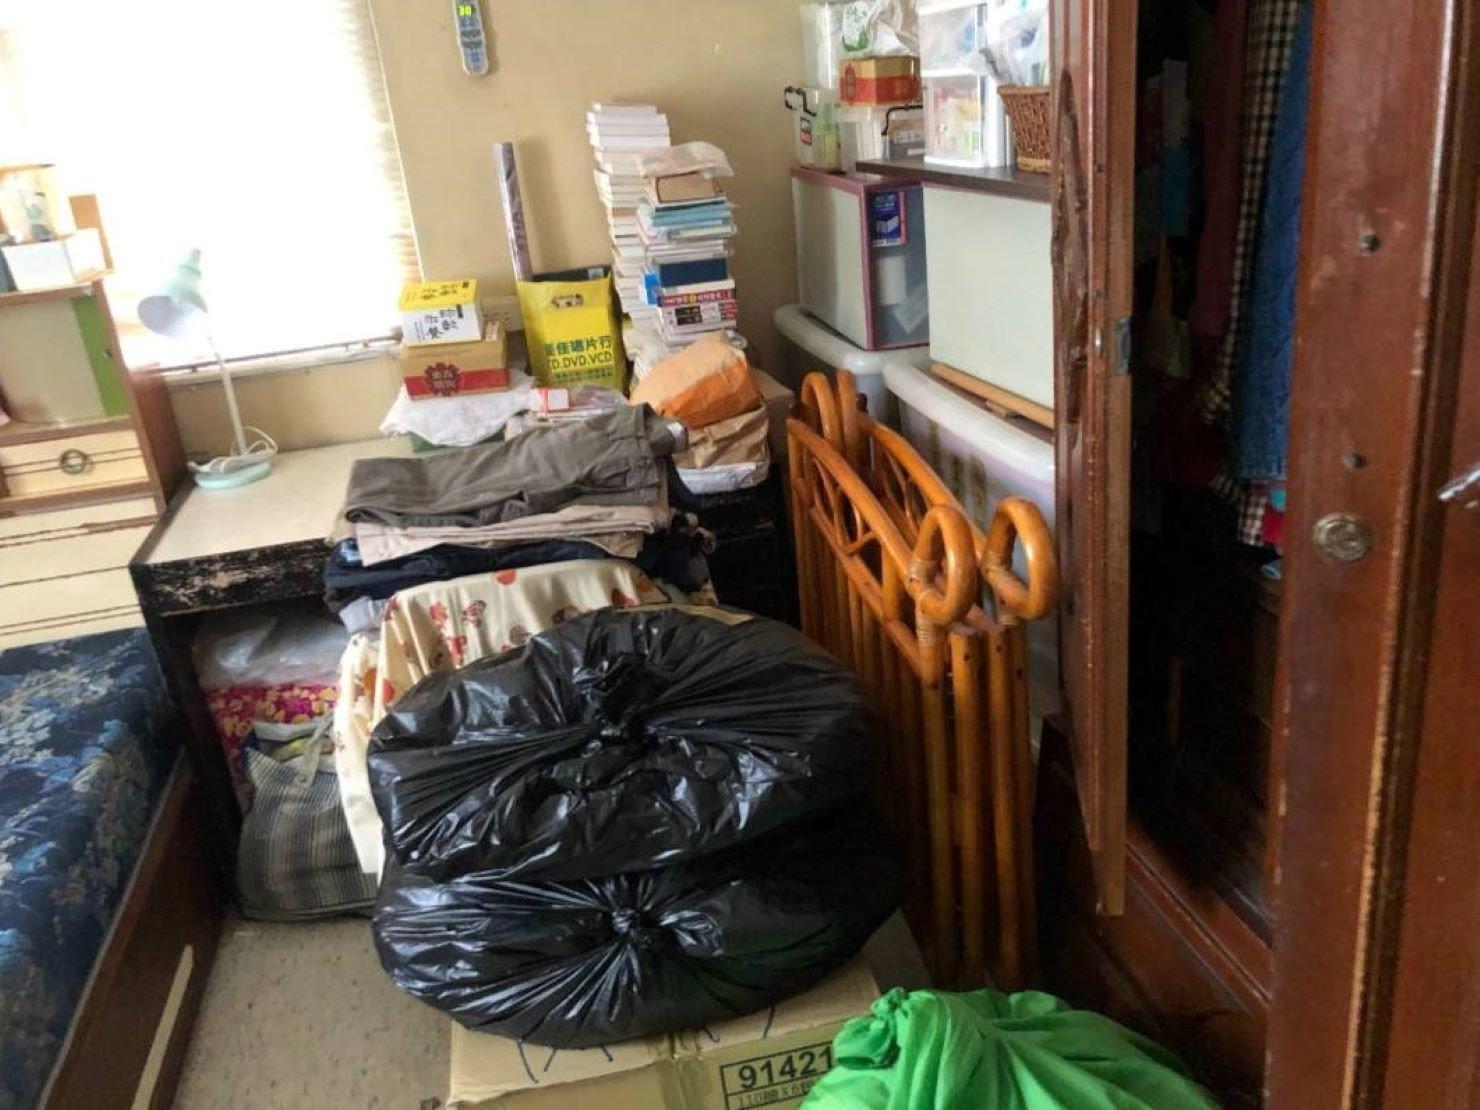 搬家公司【榮福搬家】優質搬家服務,值得您的信賴與選擇:棉被衣物打包-以裝衣箱或大袋子打包處理,榮福也有專業用打包厚紙箱,讓您不用煩惱如何將衣物棉被帶至新居。